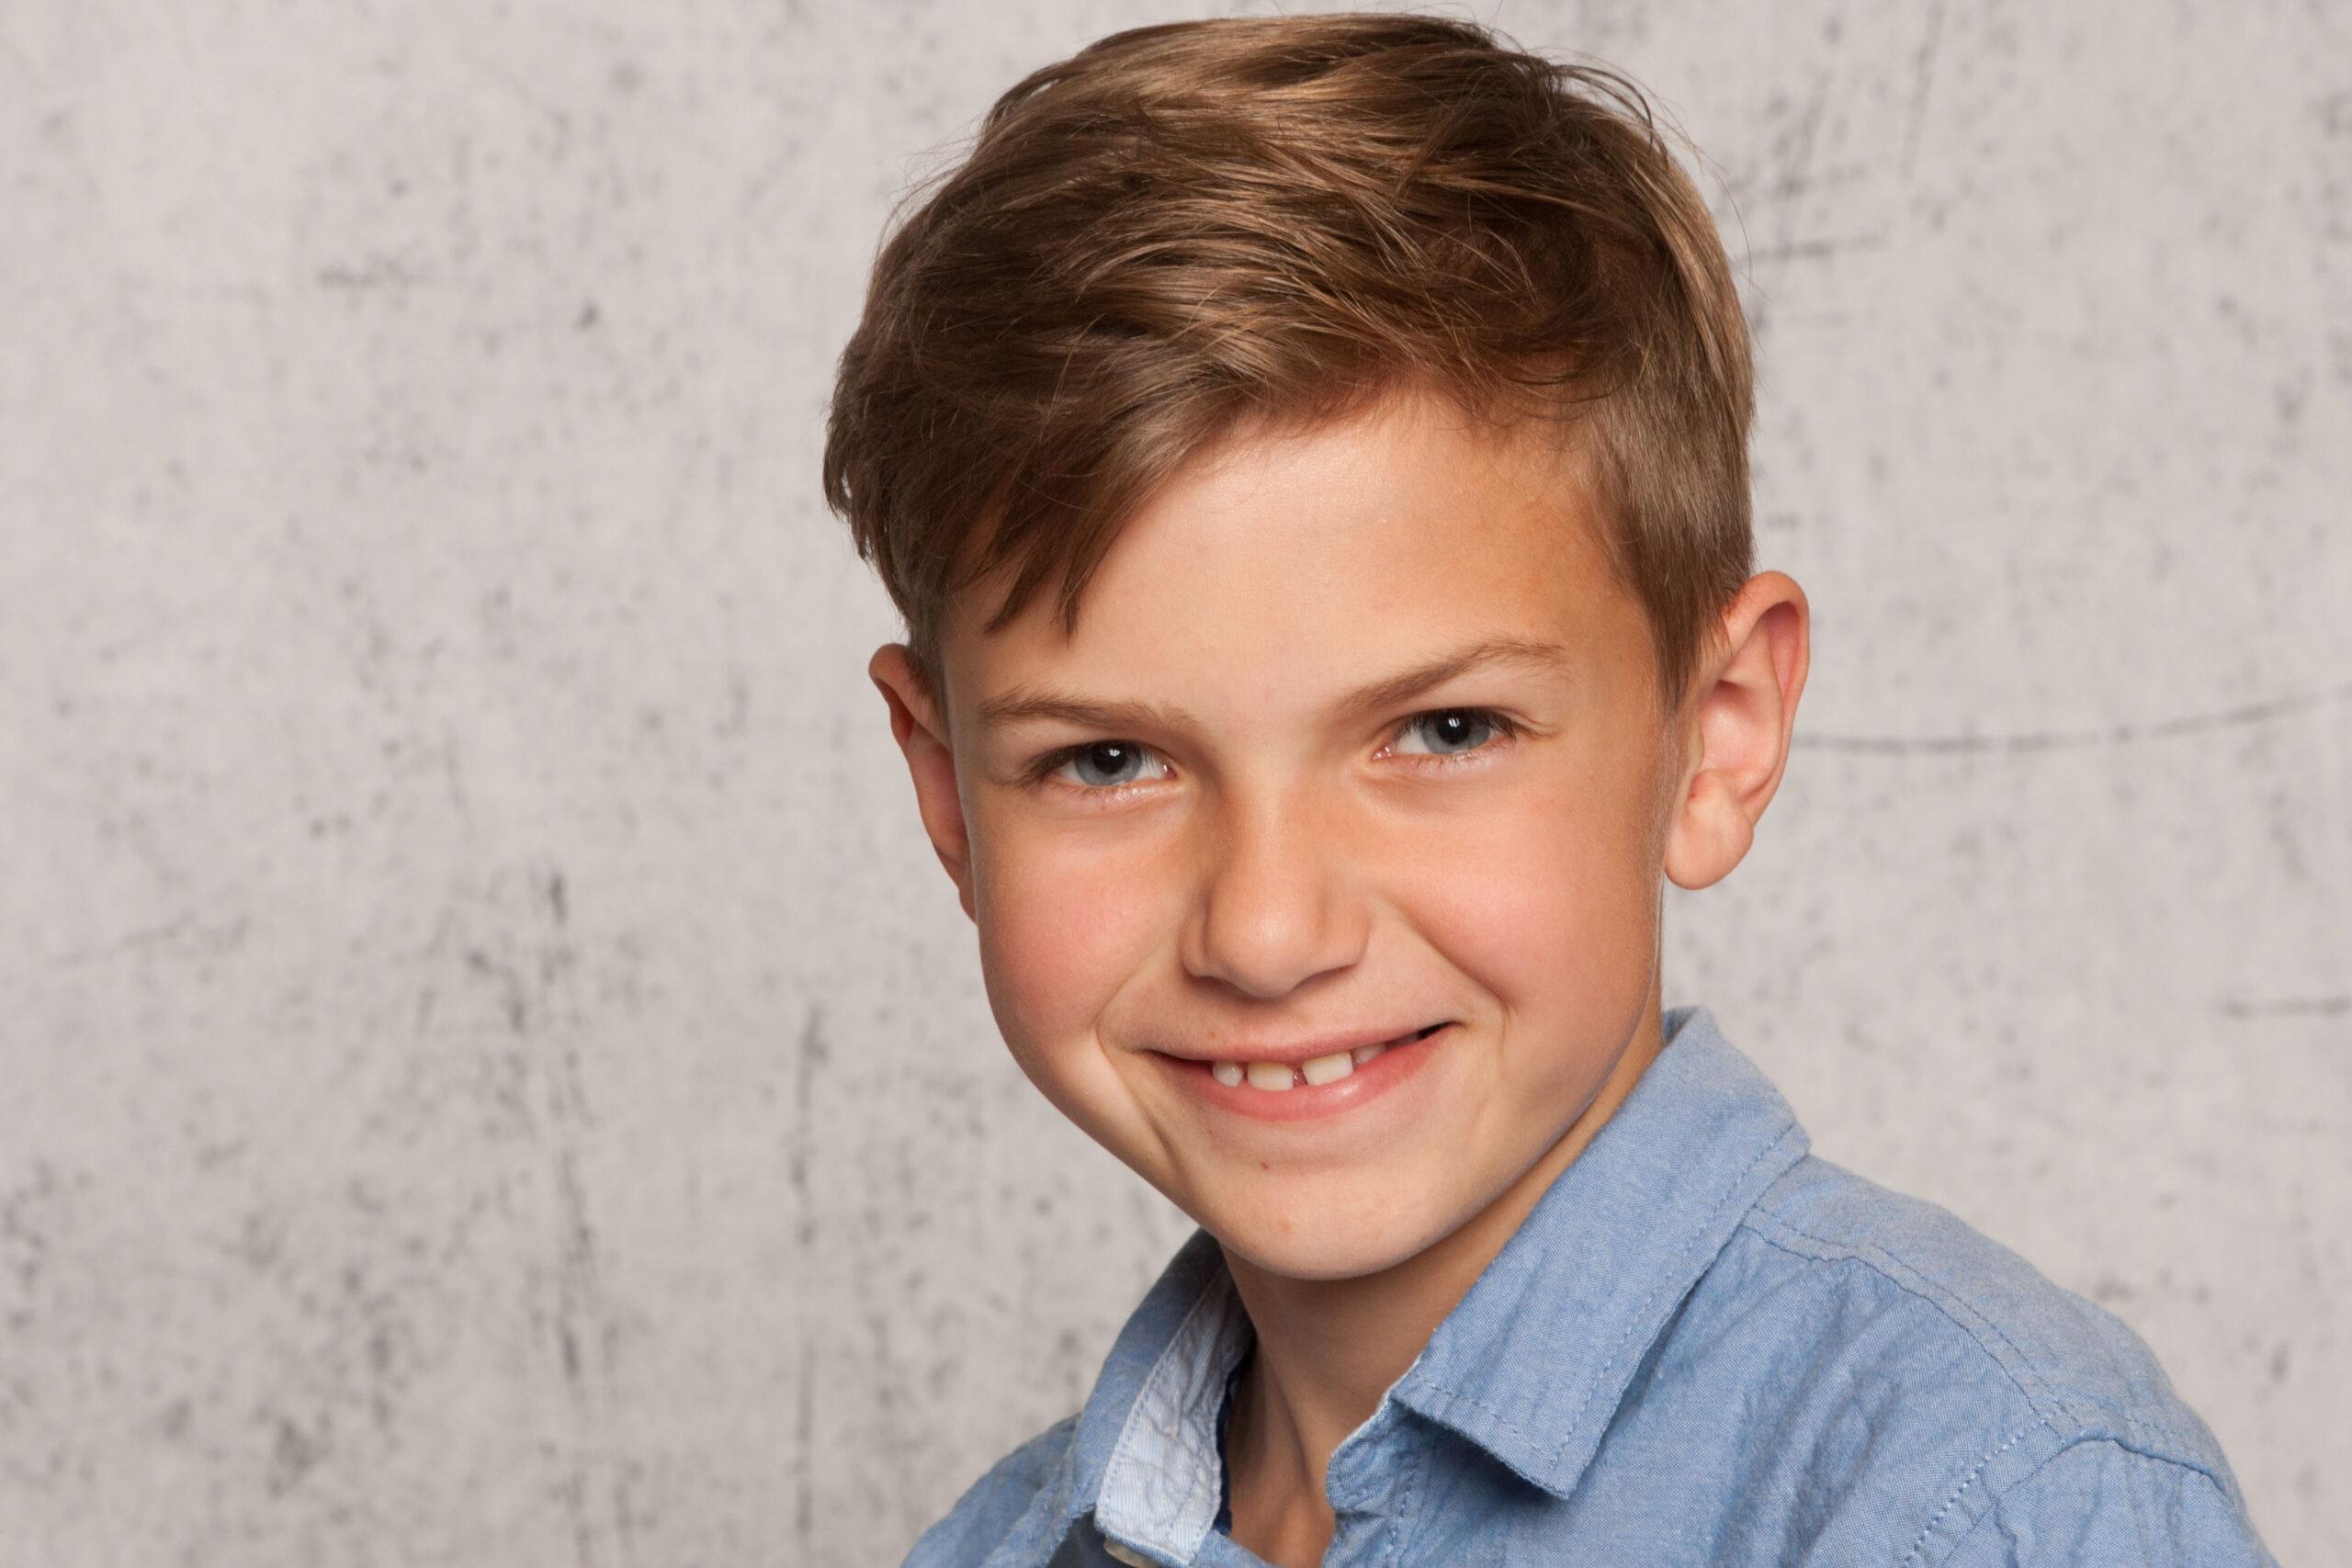 der Kinderfotograf Portrait Junge